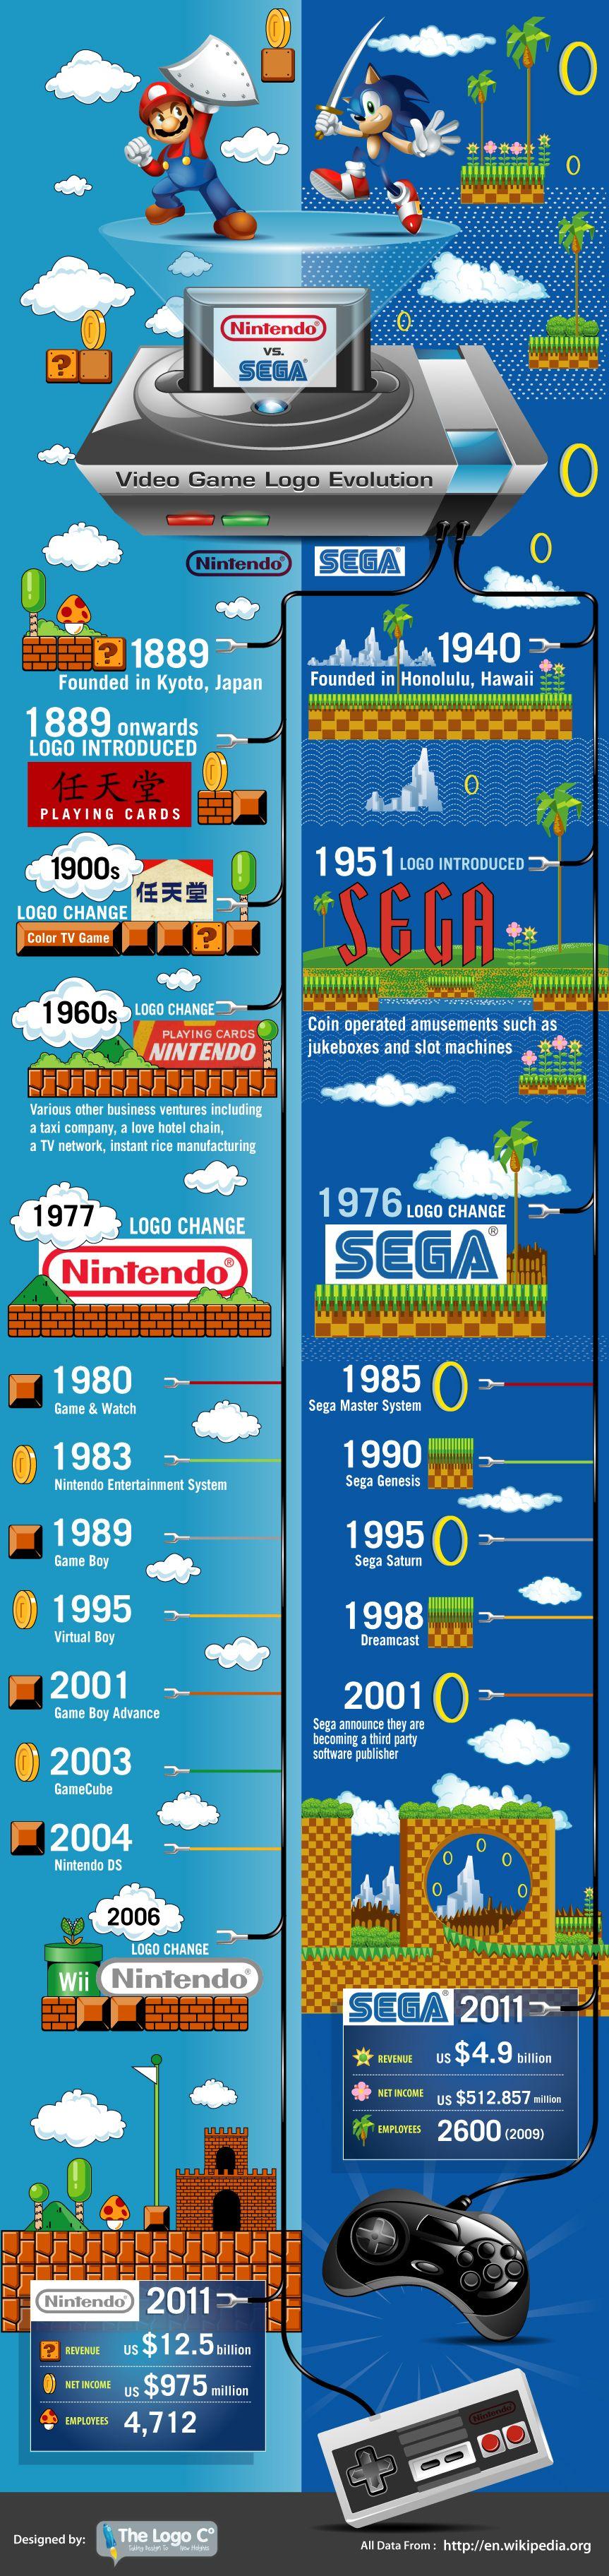 Nintendo-vs-Sega-Video-Game-Logo-Evolution